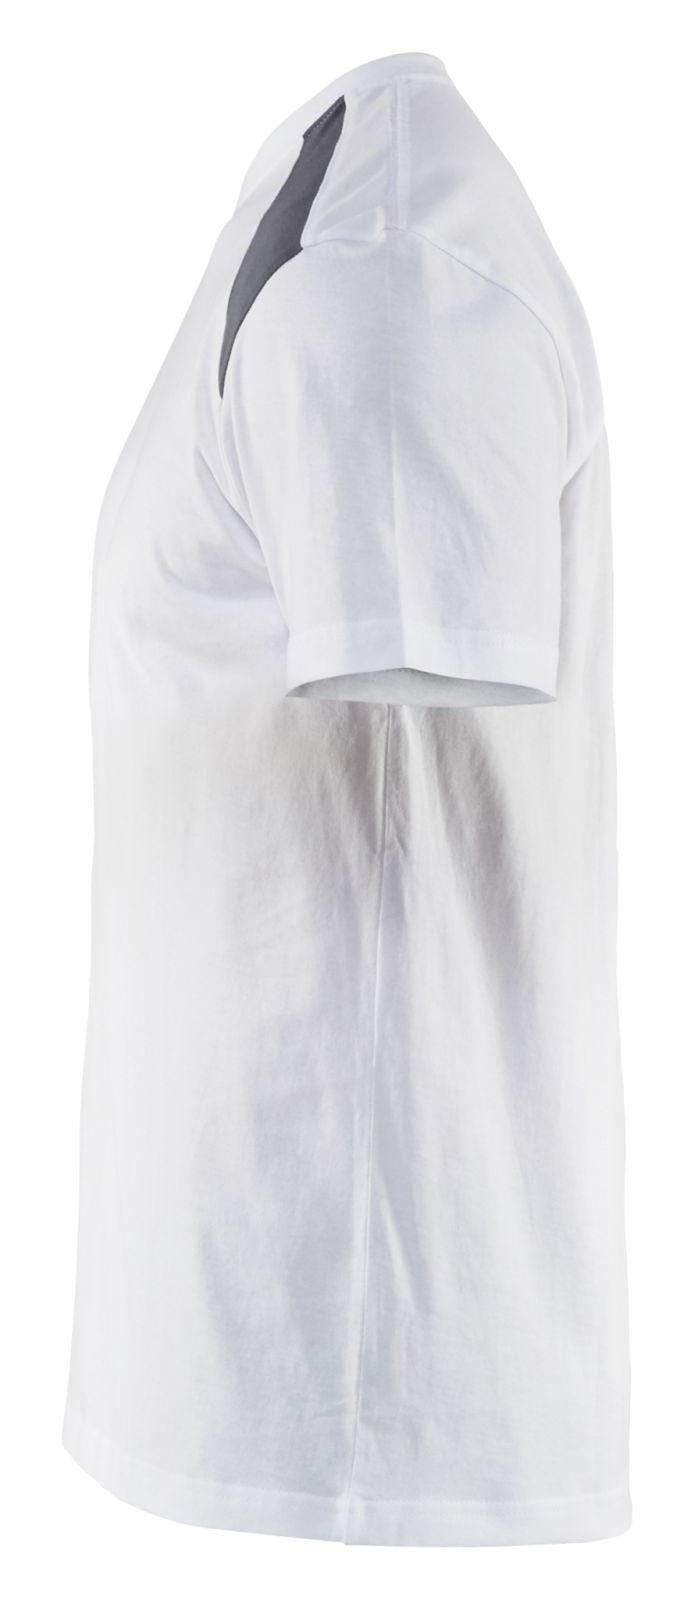 Blaklader T-shirts 33791042 wit-grijs(1094)